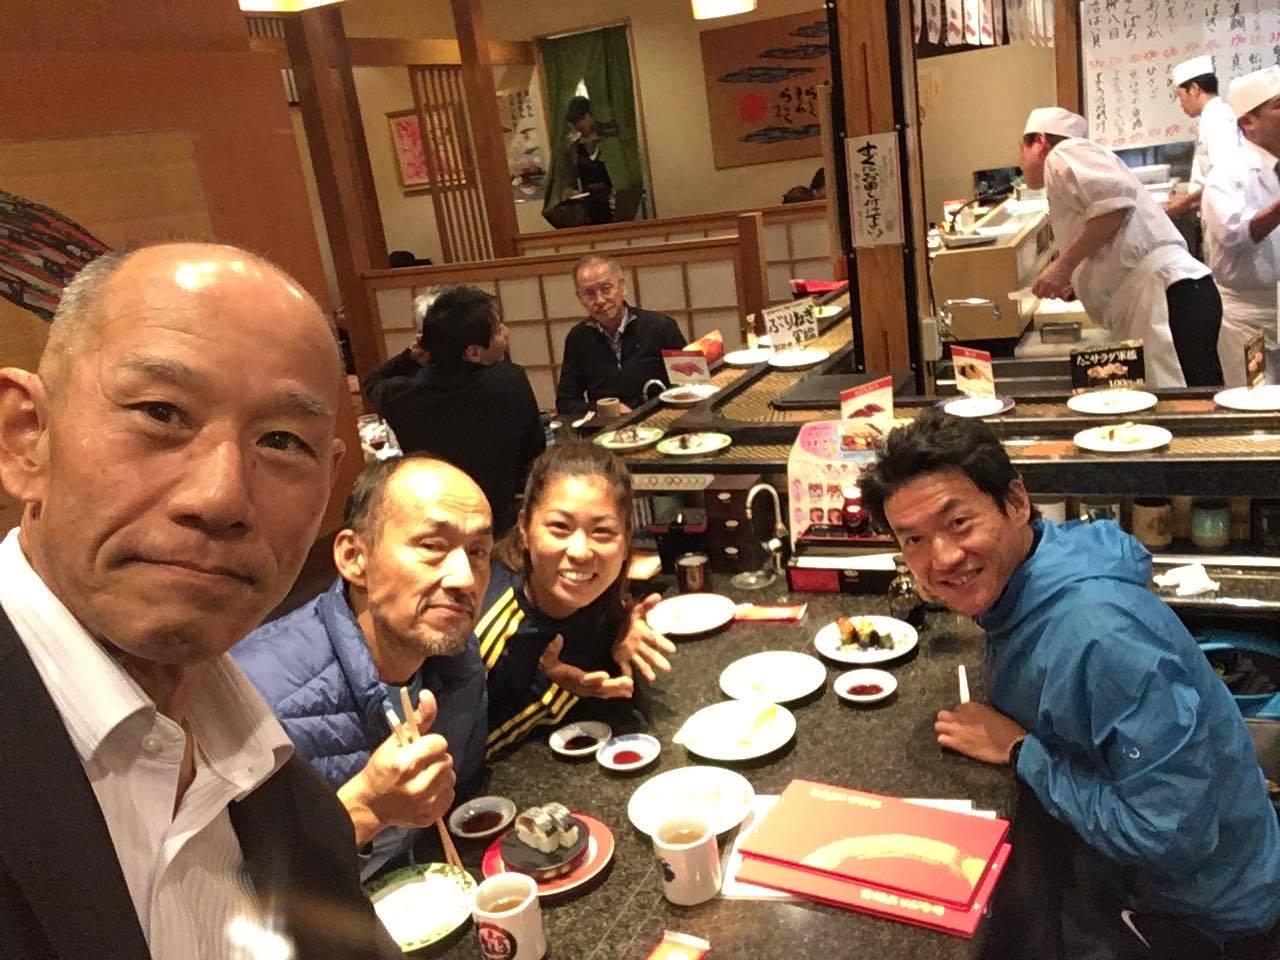 2019.11.05「名古屋→金沢240km」_c0197974_23172853.jpg